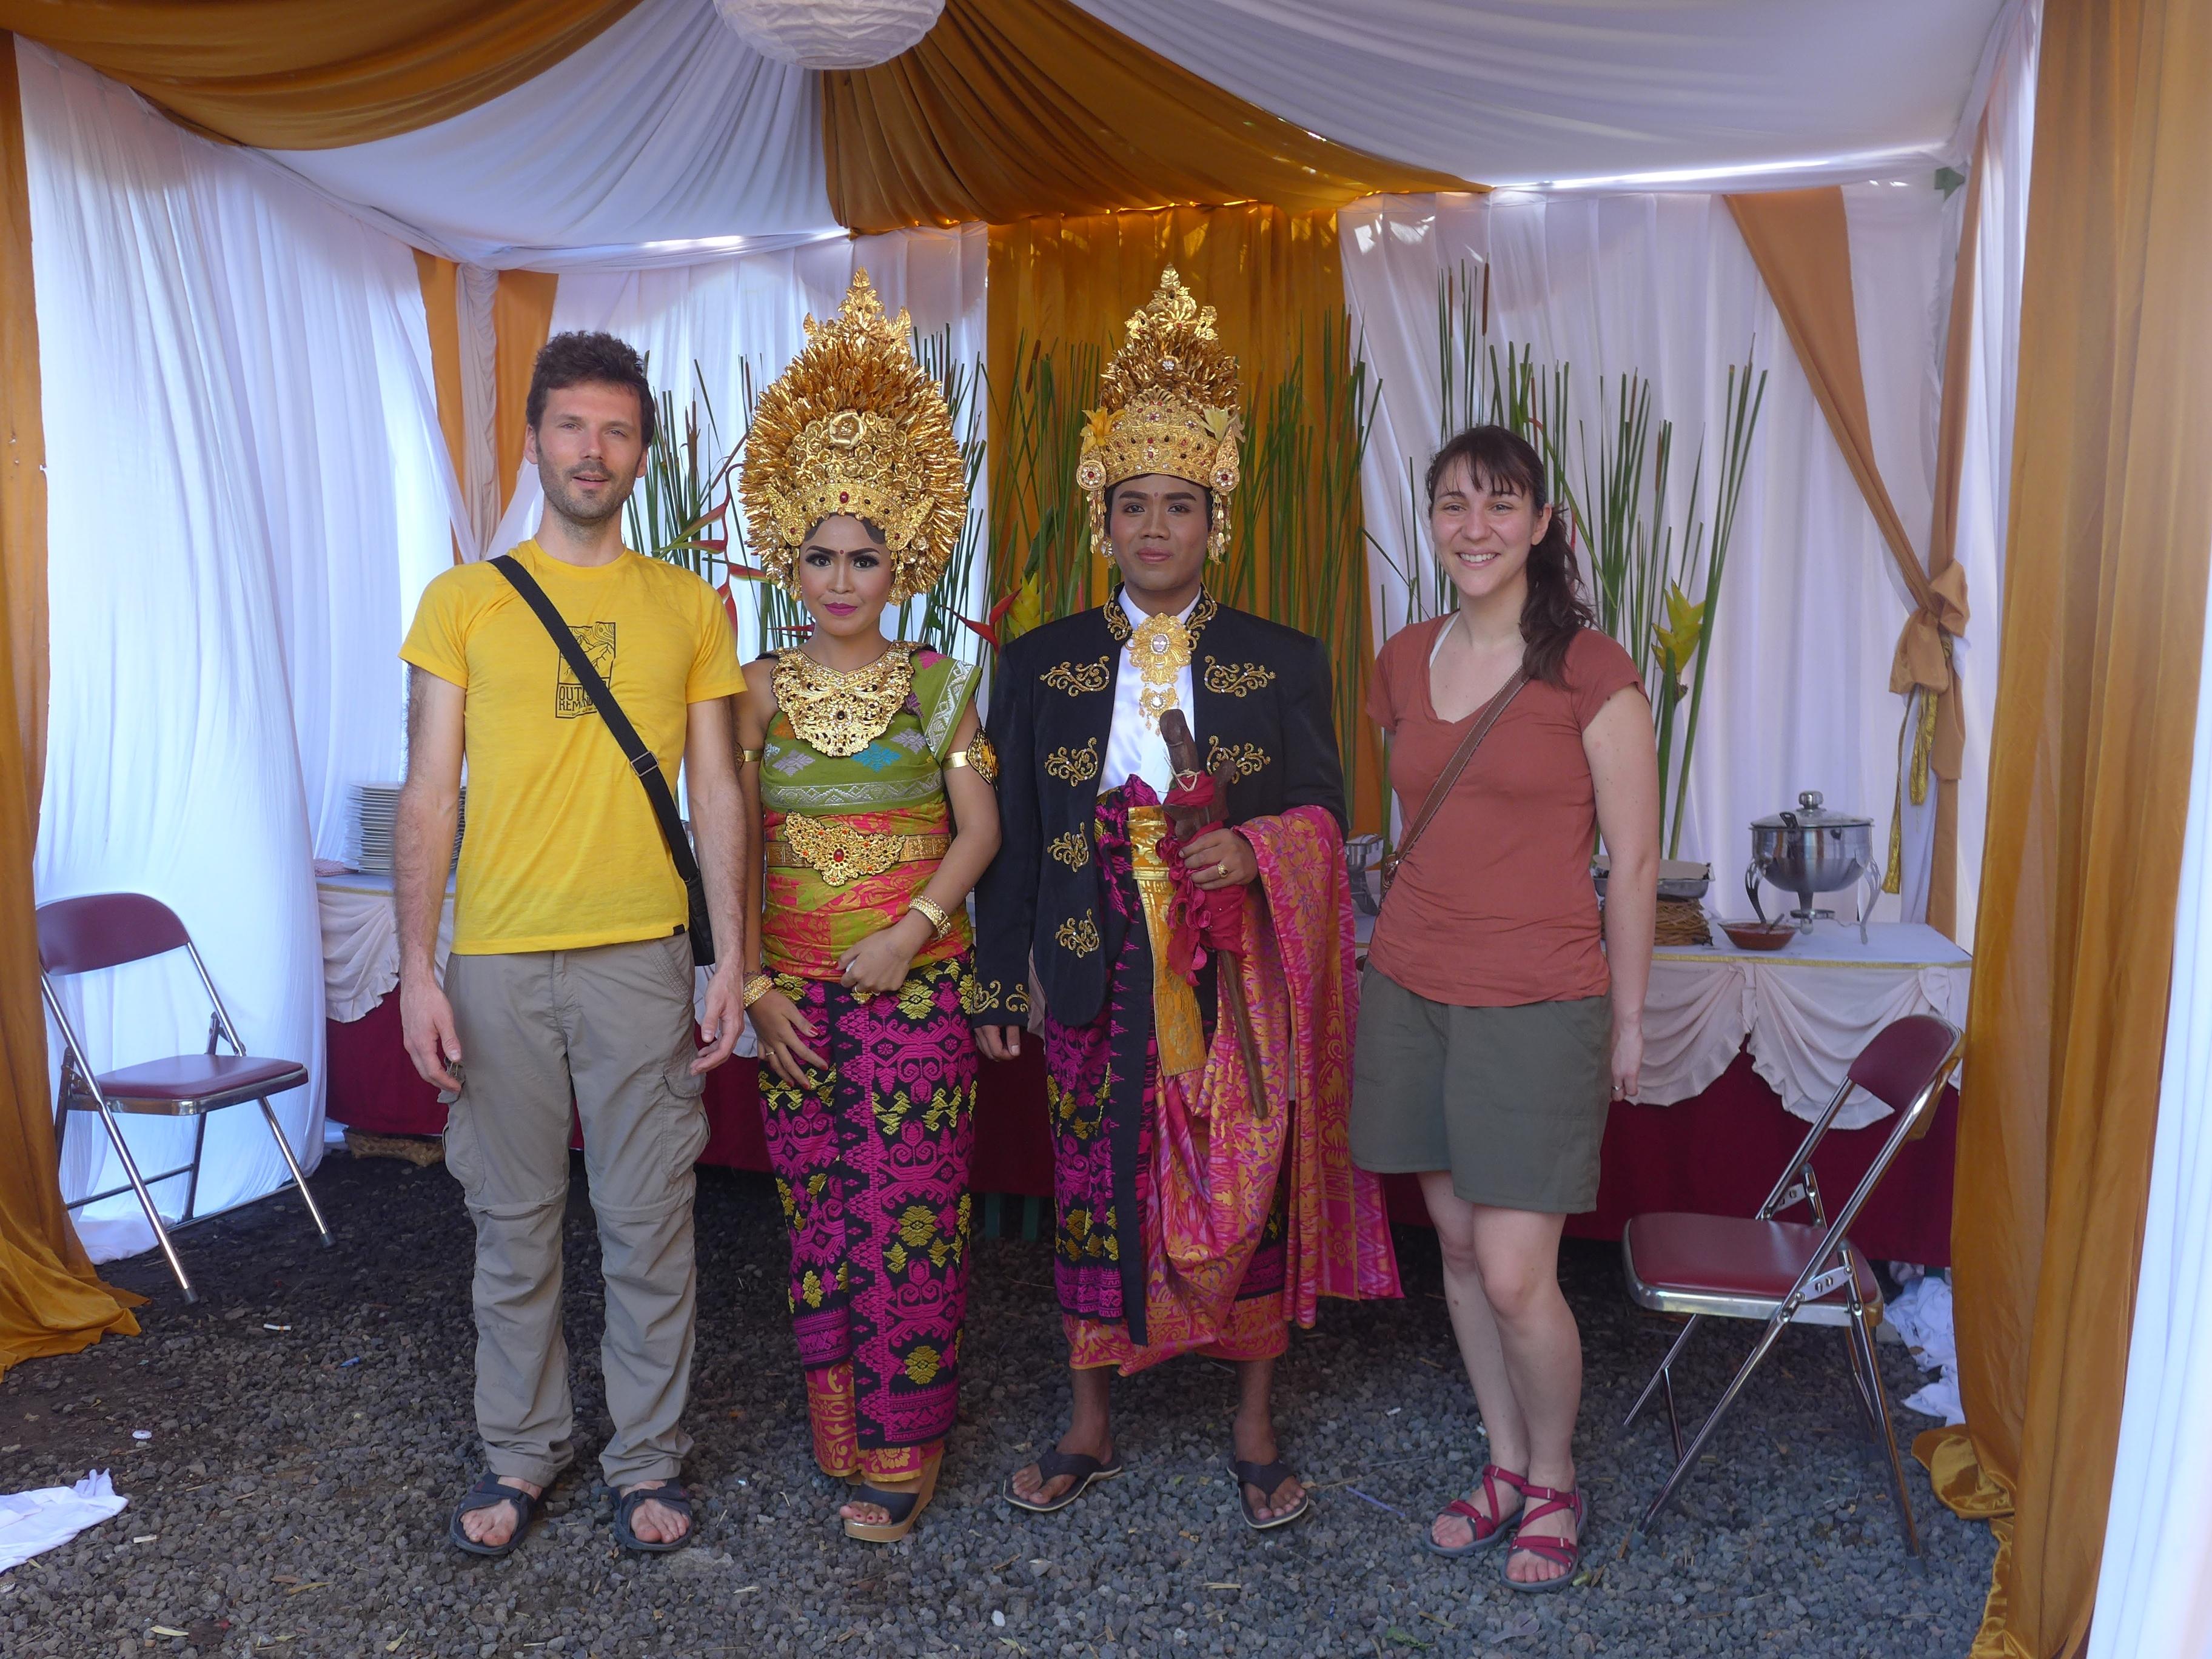 La société balinaise : entre hindouisme et tourisme